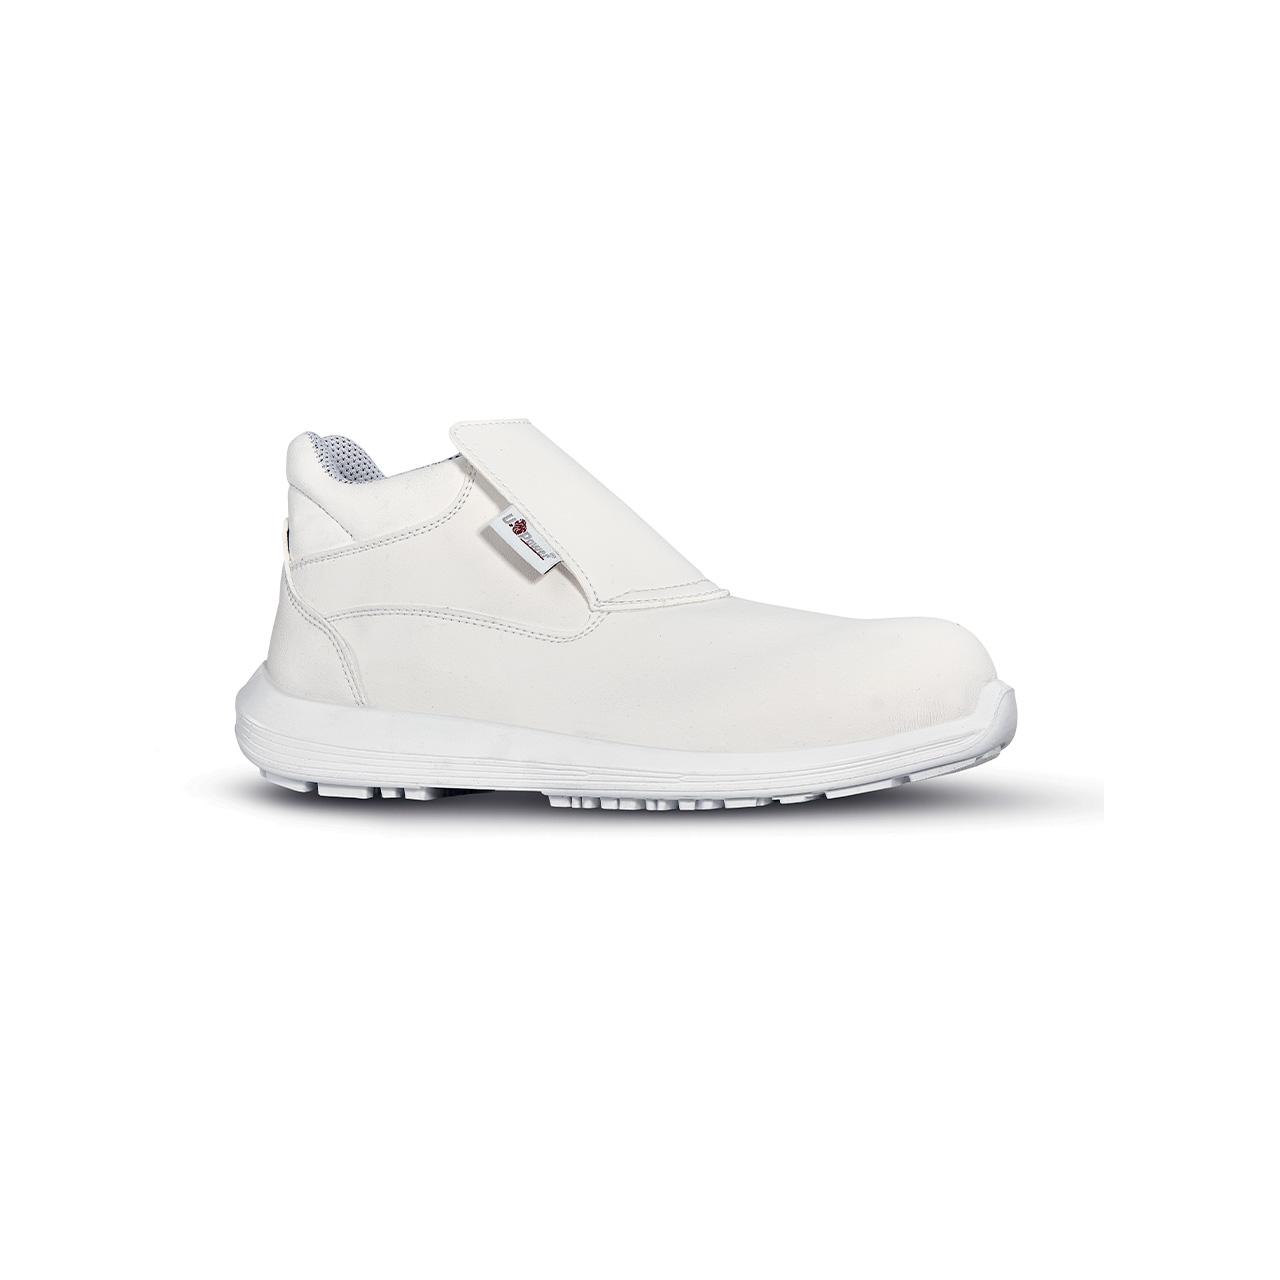 scarpa antinfortunistica upower modello shine linea black68_white vista laterale